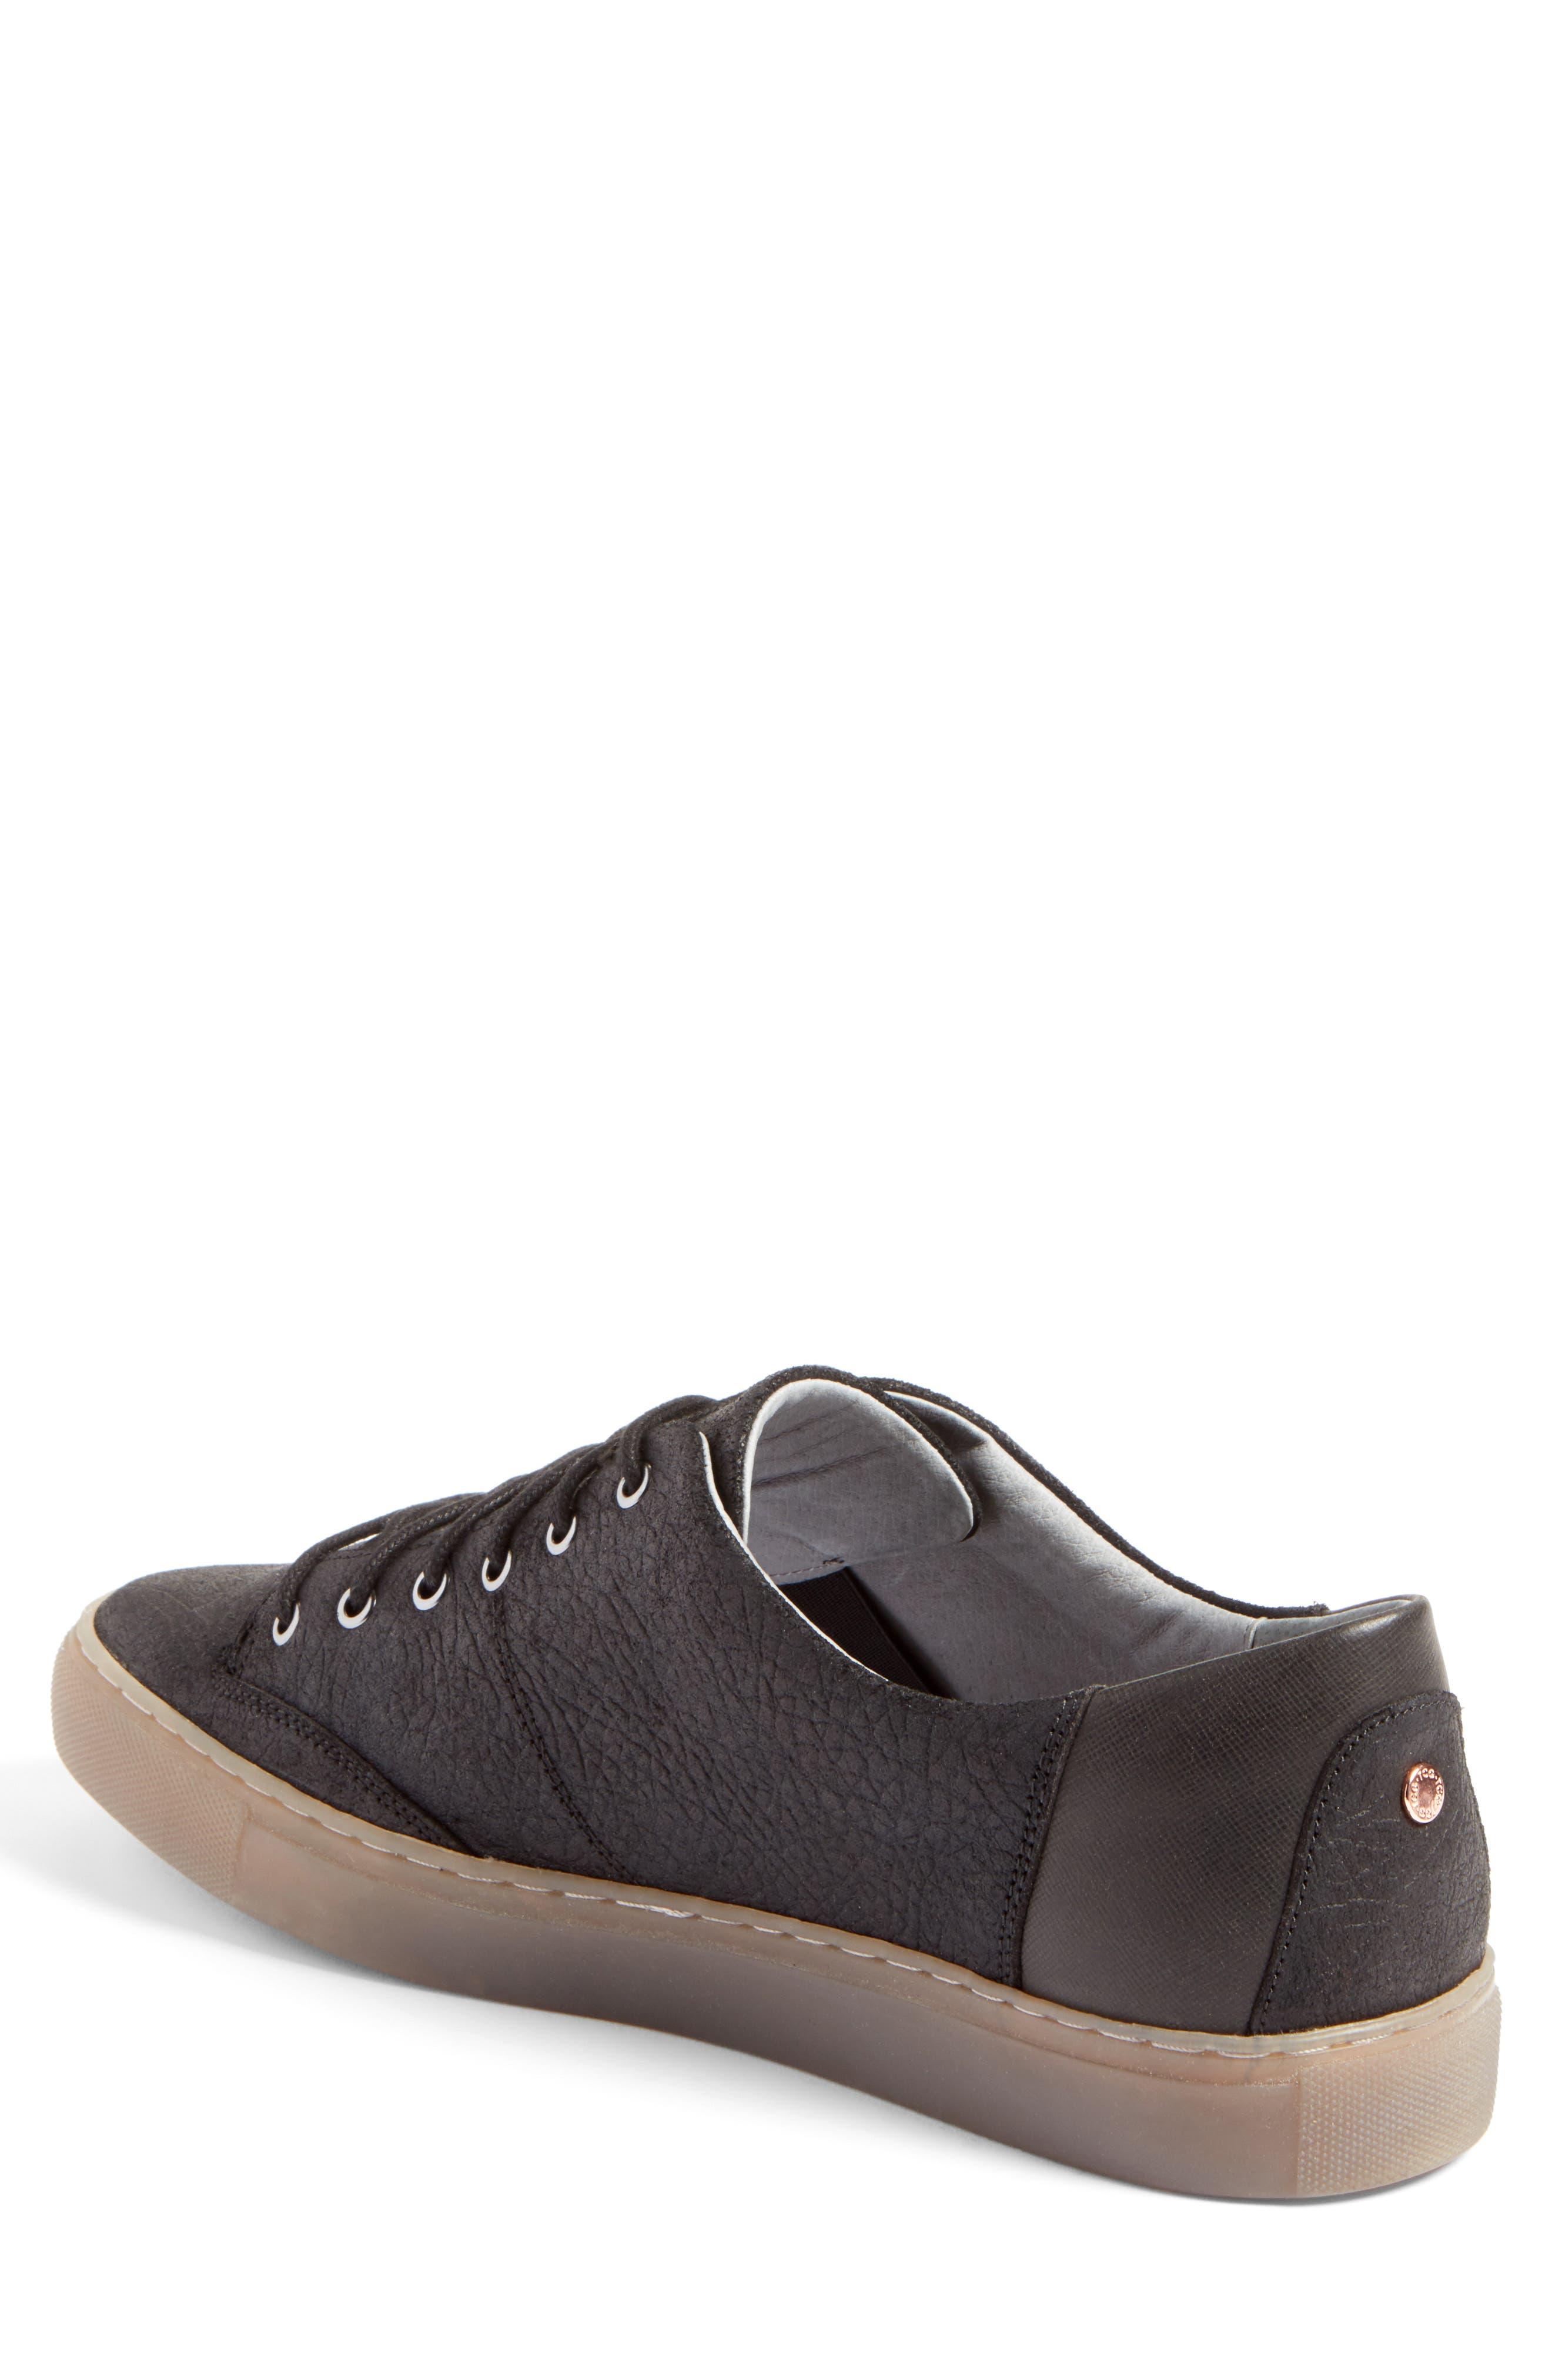 Cooper Sneaker,                             Alternate thumbnail 8, color,